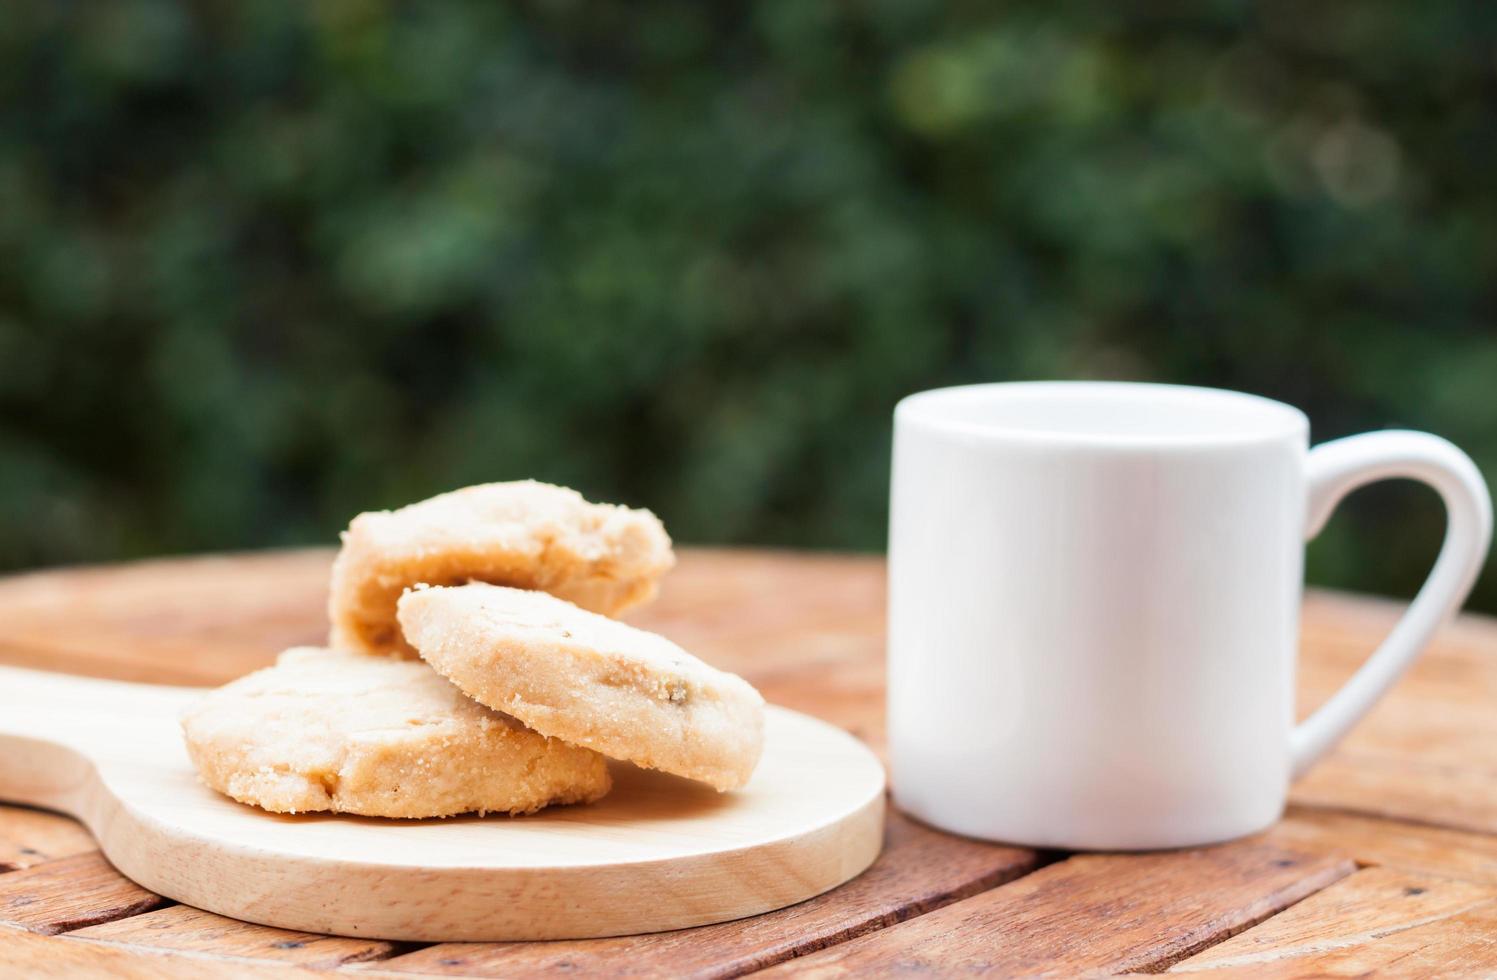 galletas de anacardo con una taza de café foto